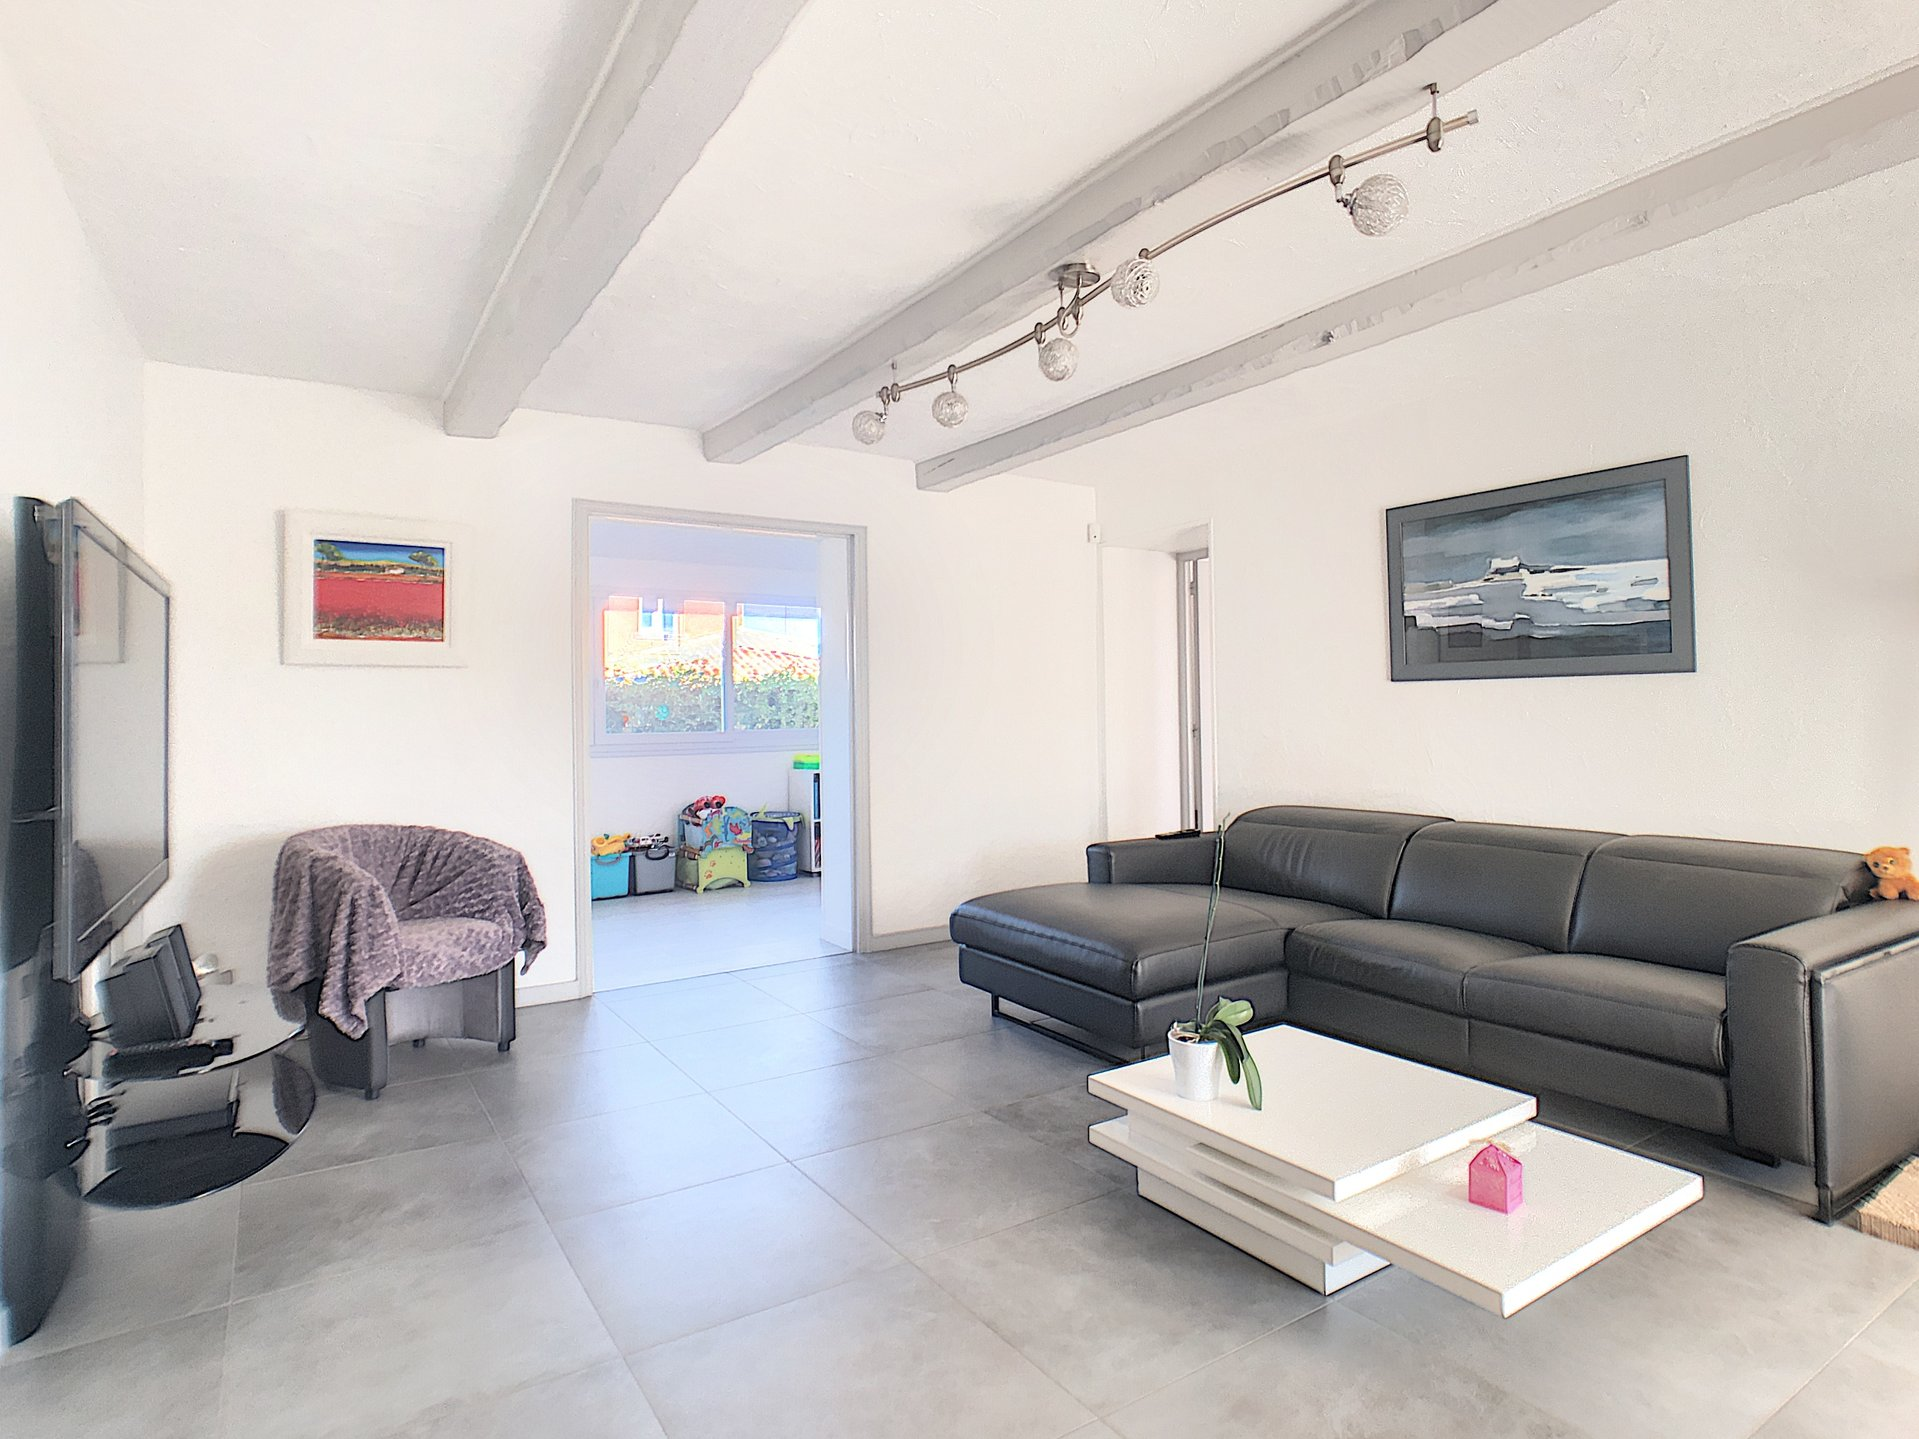 Antibes (06600) - Maison Individuelle 4p + studio indépendant + dépendance